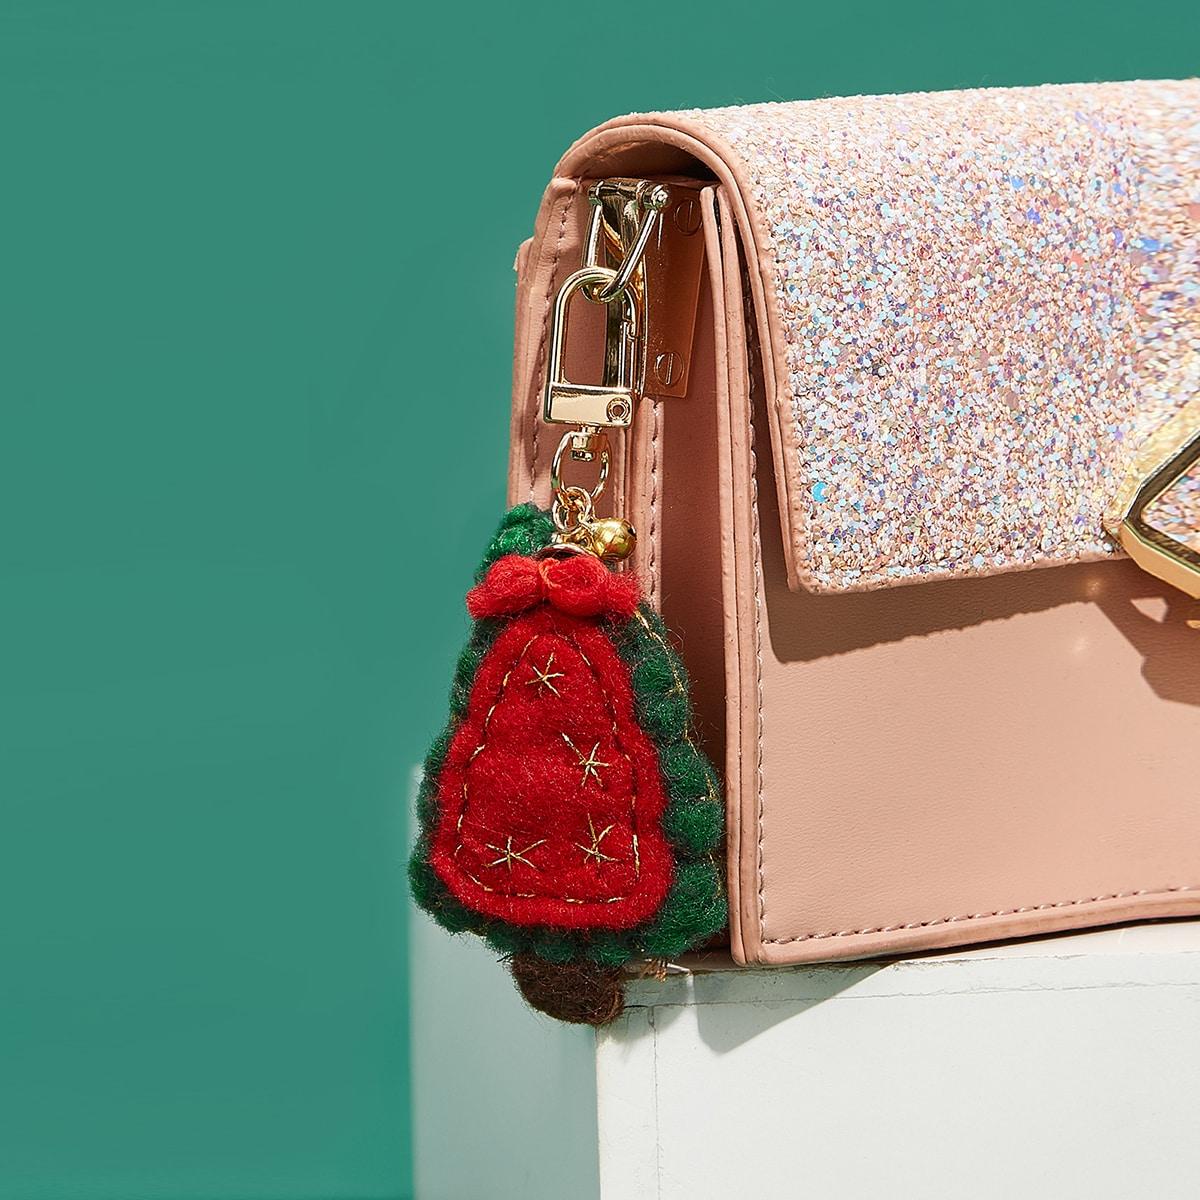 Подвеска для сумки в форме рождественской елки